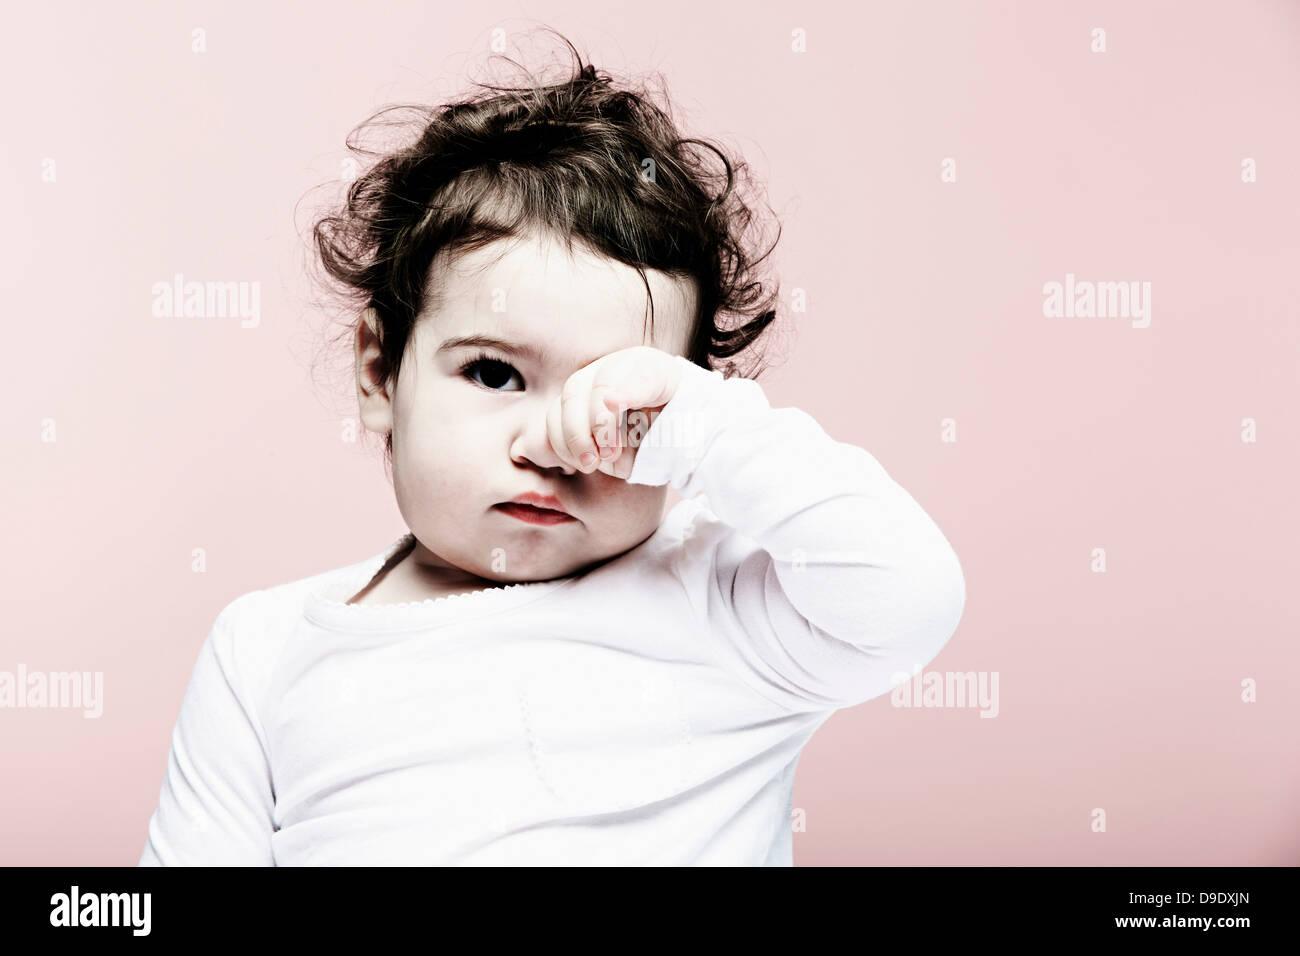 Ritratto di bambina strofinarsi gli occhi Immagini Stock